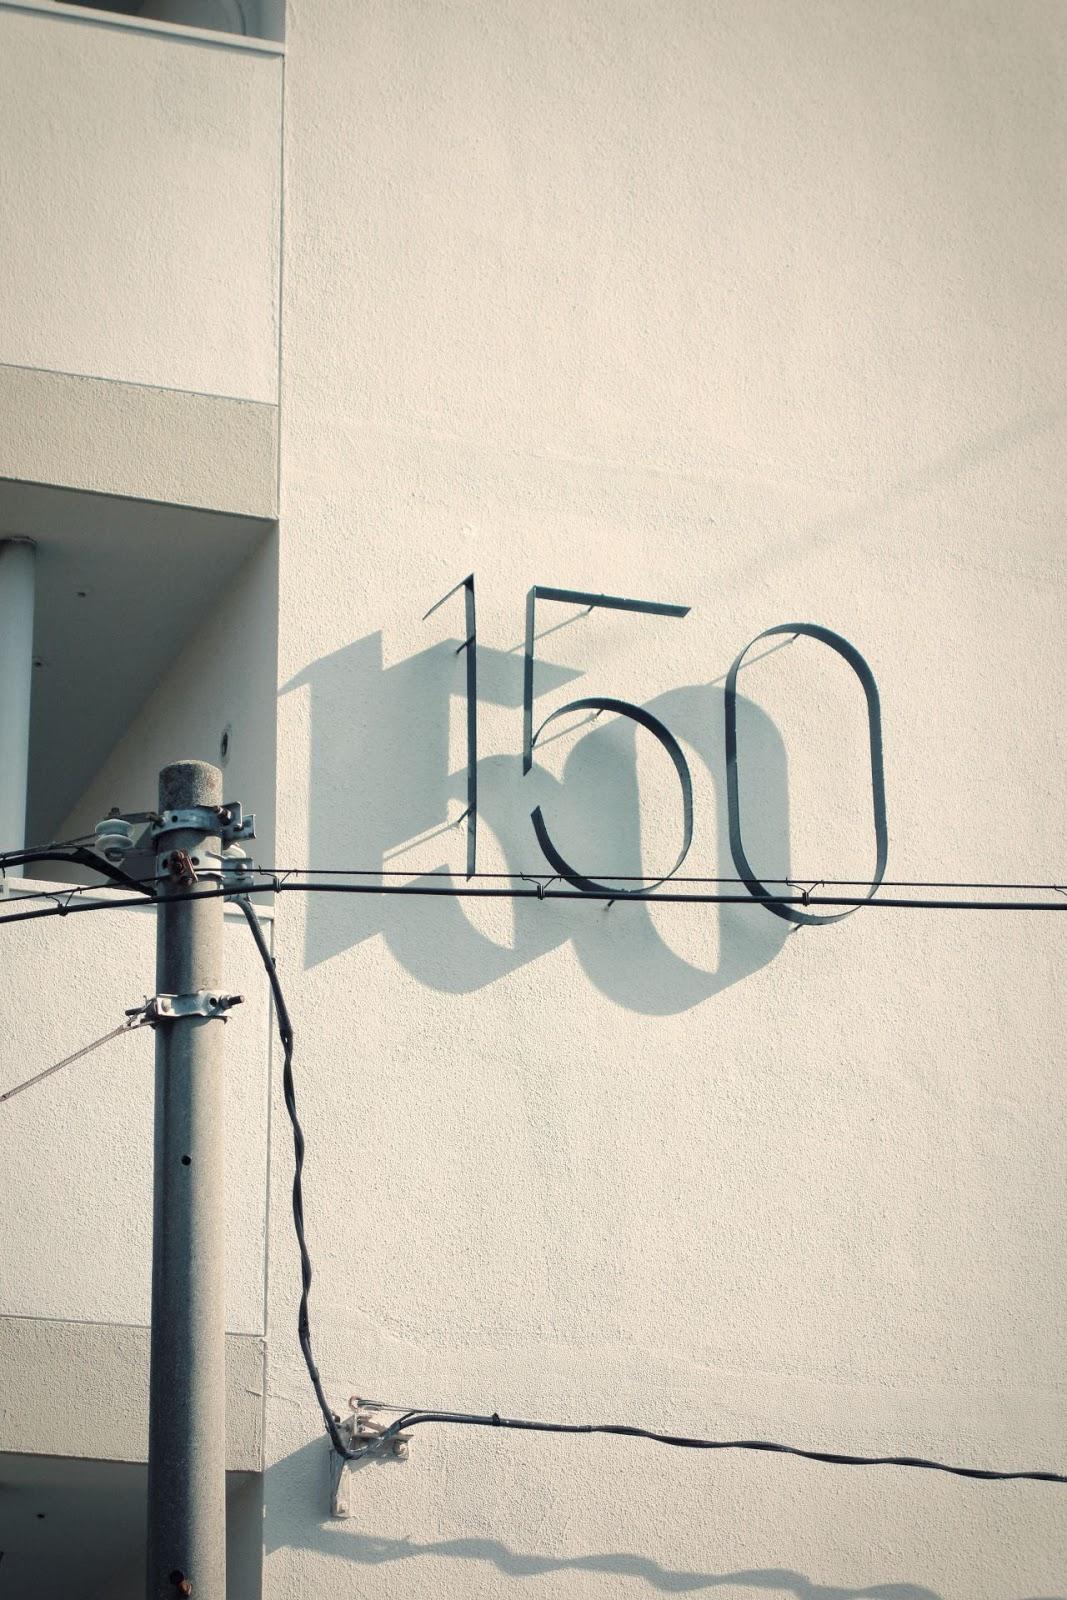 Ombra sobre una paret blanca del número metàl·lic de la casa, el cent cinquanta. Foto artìstica.